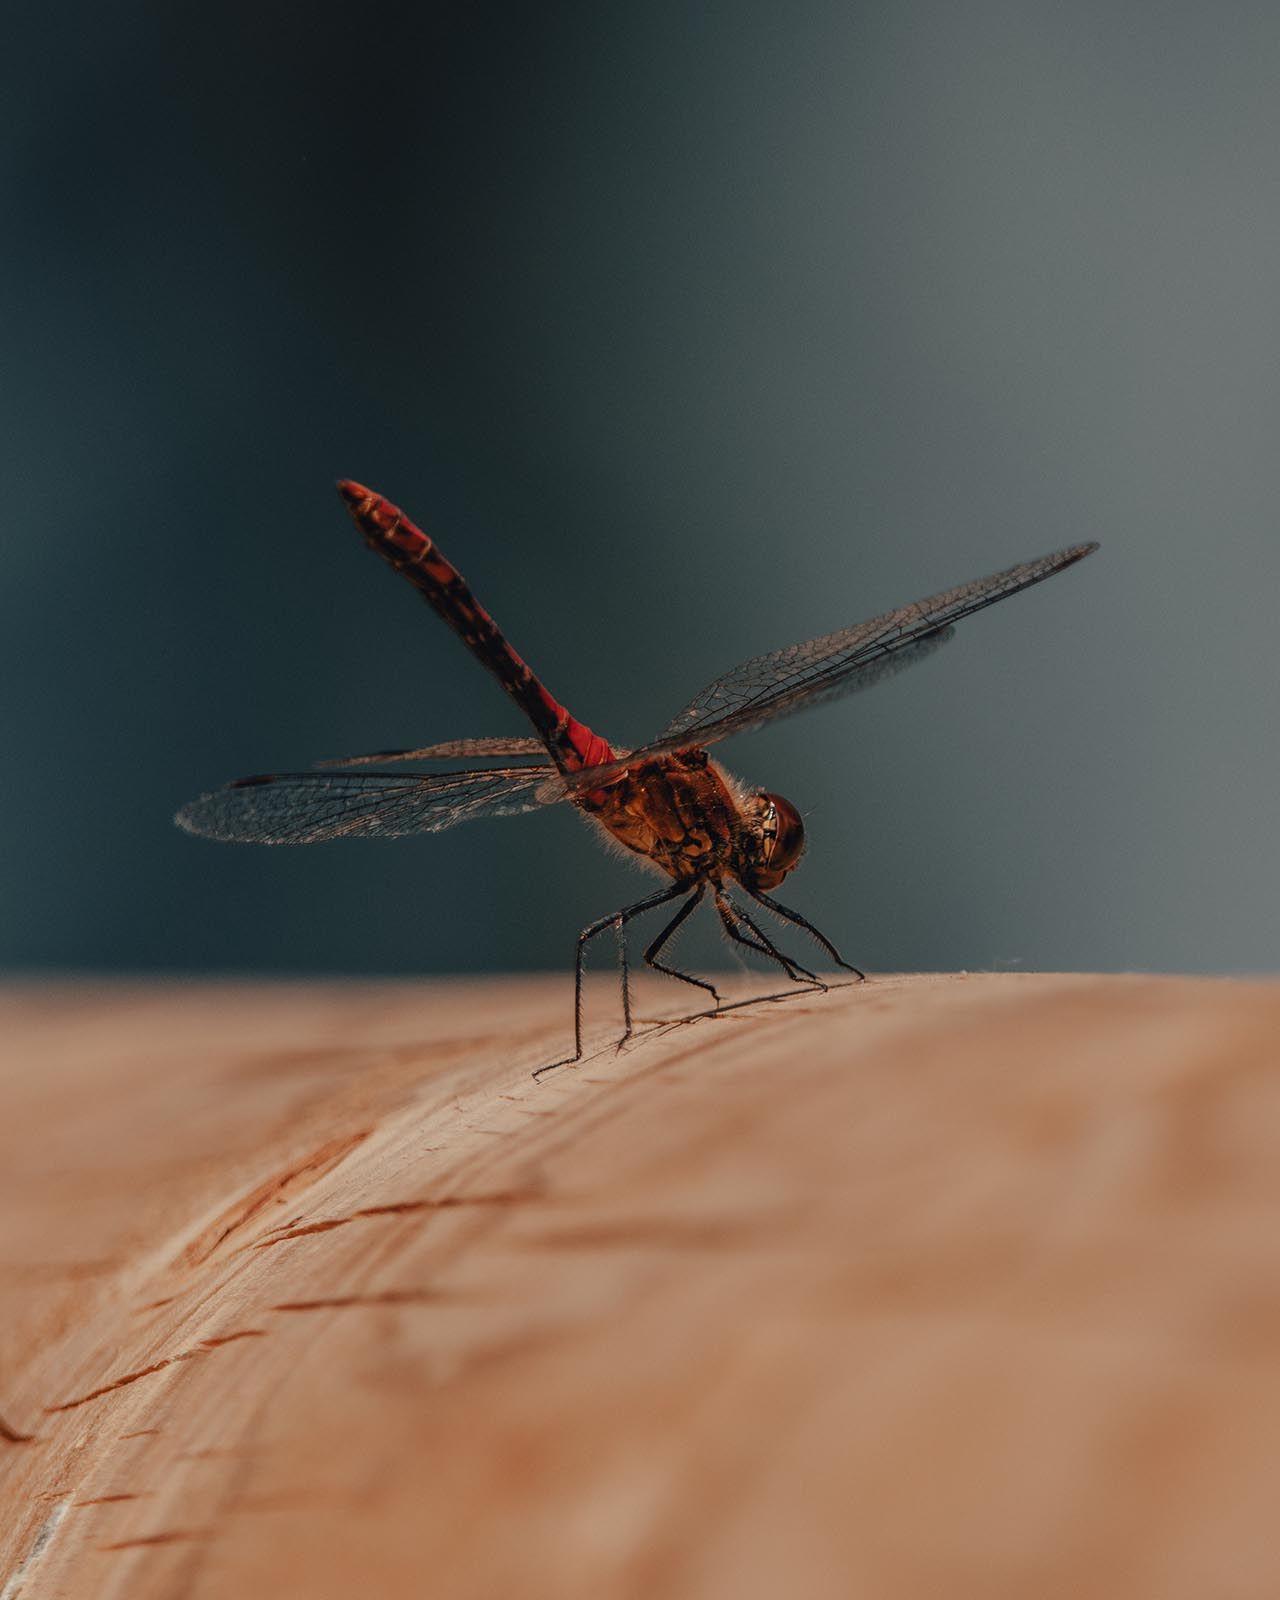 Sivrisinek deyip geçmeyin! Uzman isim uyardı: Ölümcül olabilir! - Resim: 1